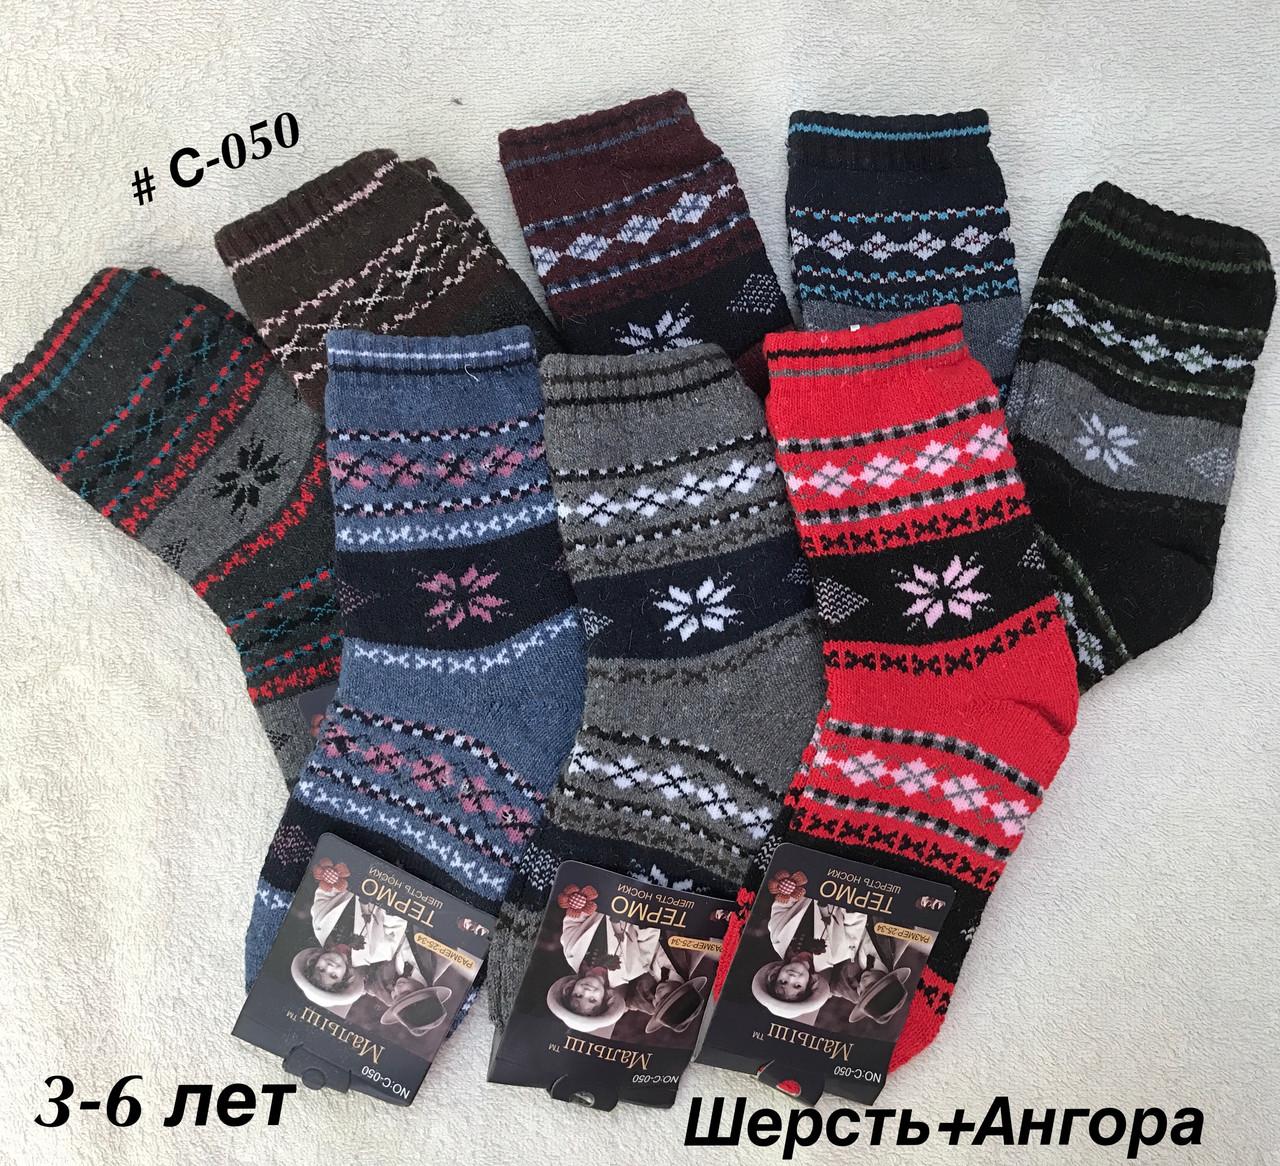 Дитячі махрові шкарпетки Шерсть+Ангора, шкарпетки для хлопчиків і для дівчаток